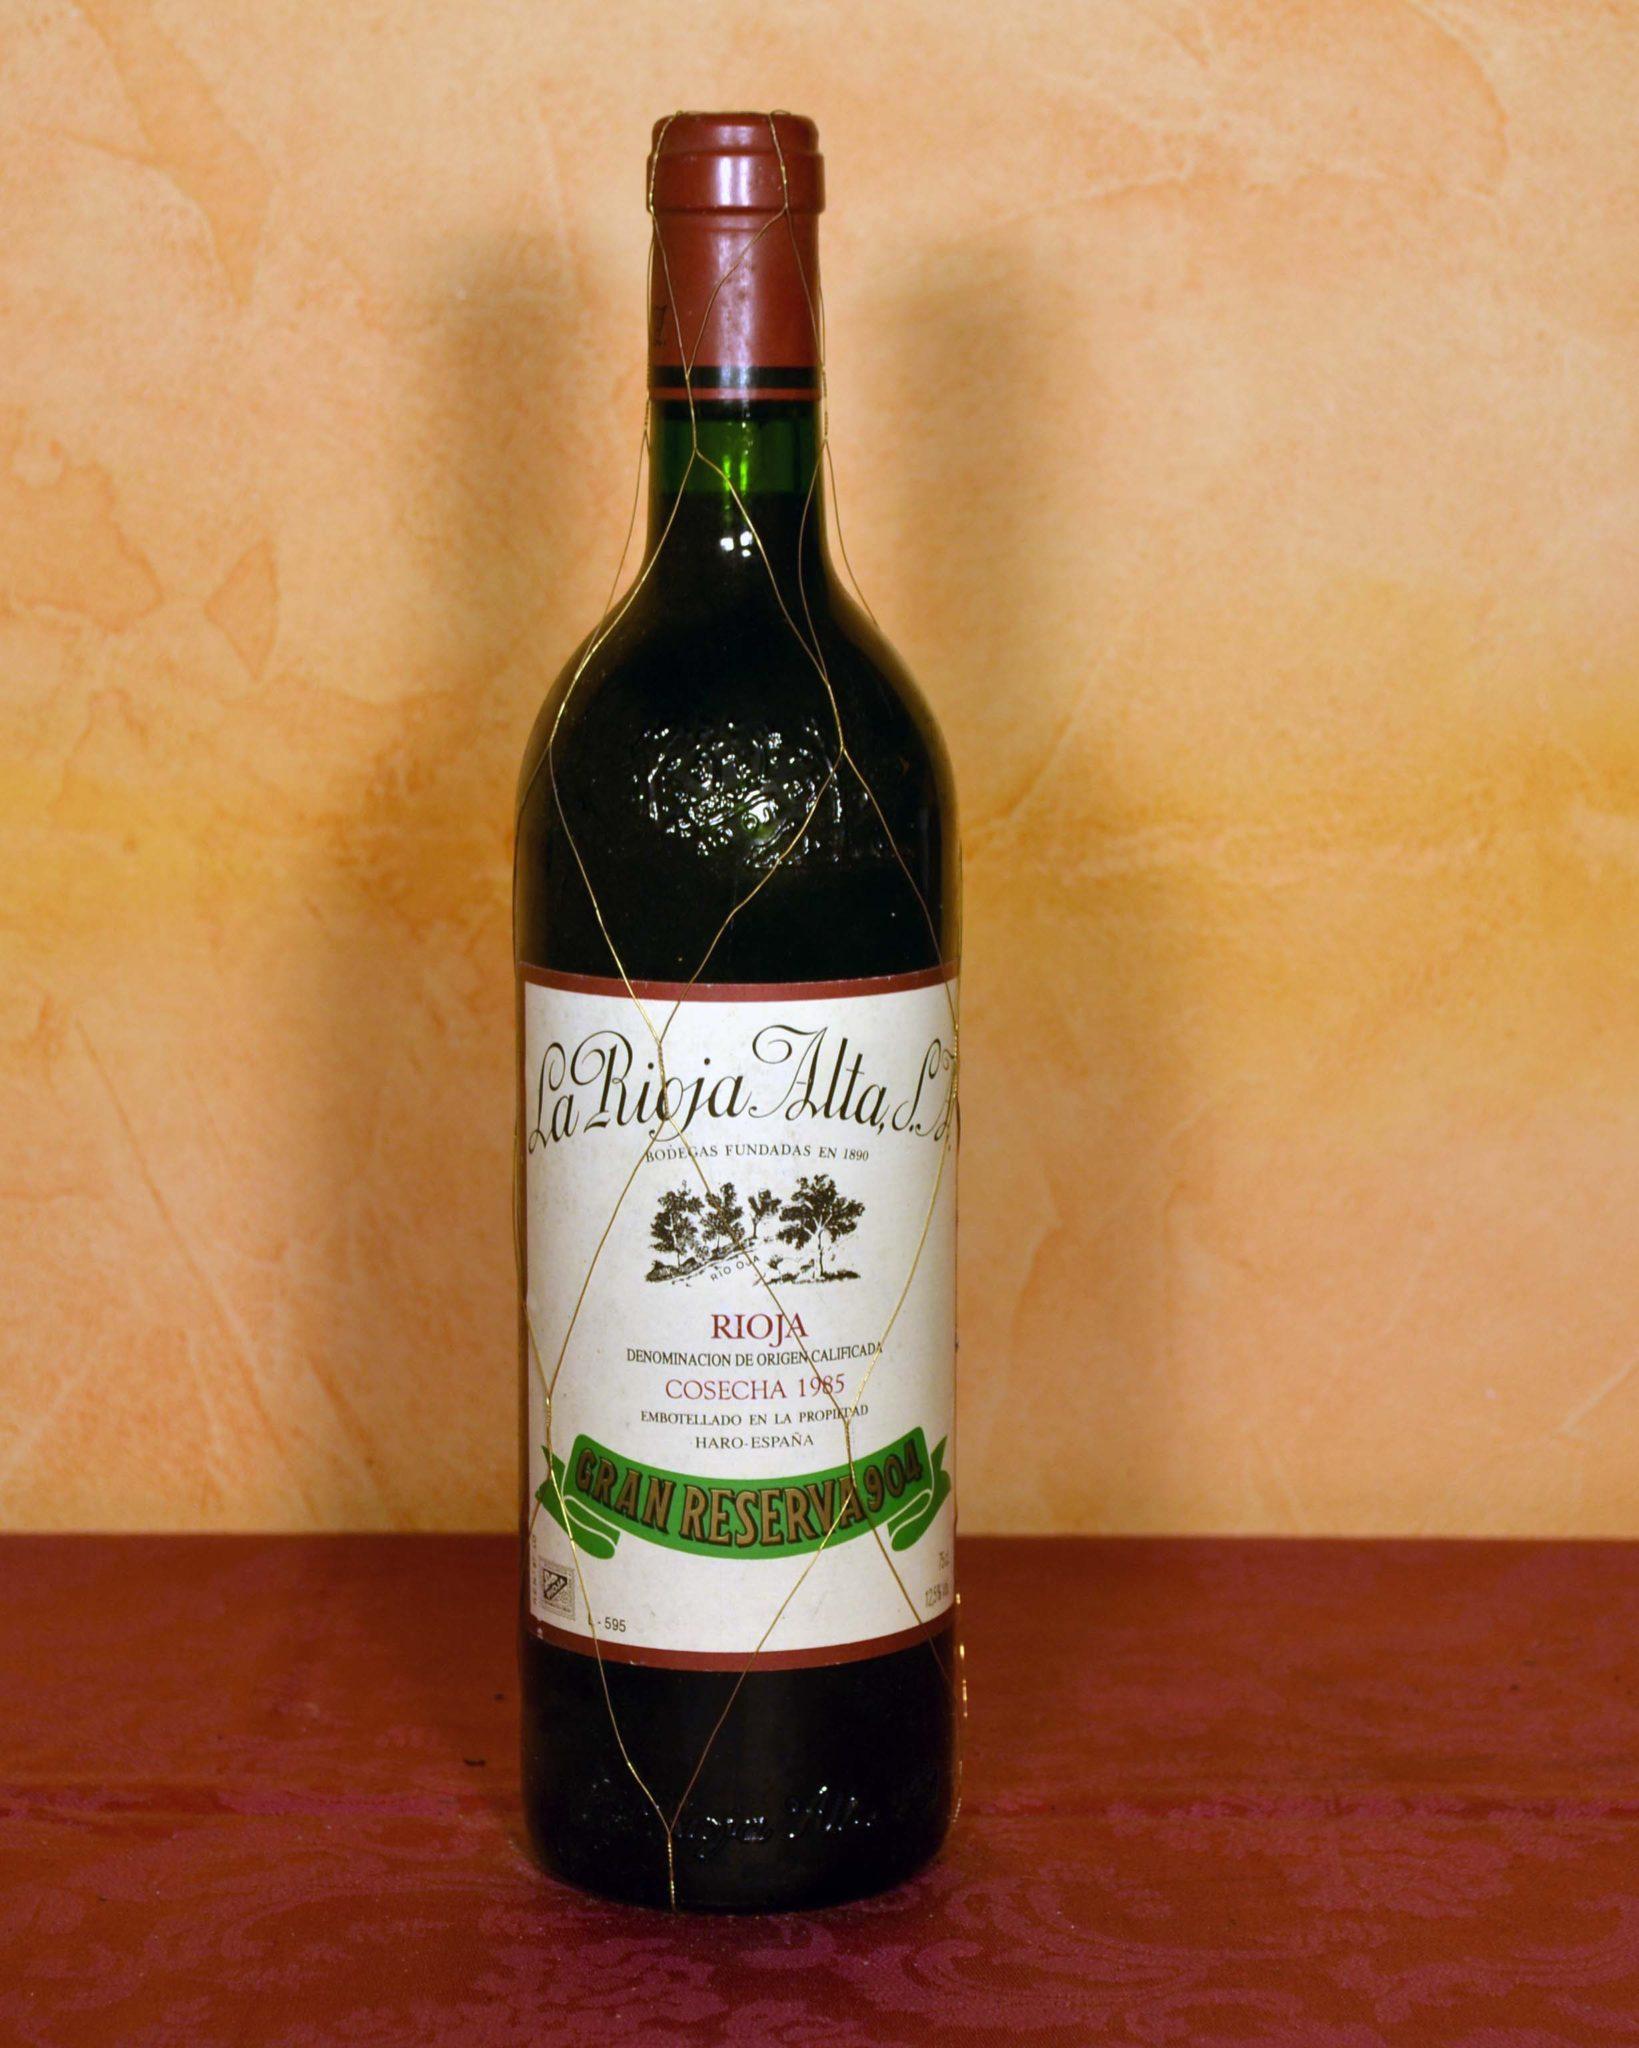 Gran Reserva 904 Rioja Alta 1995